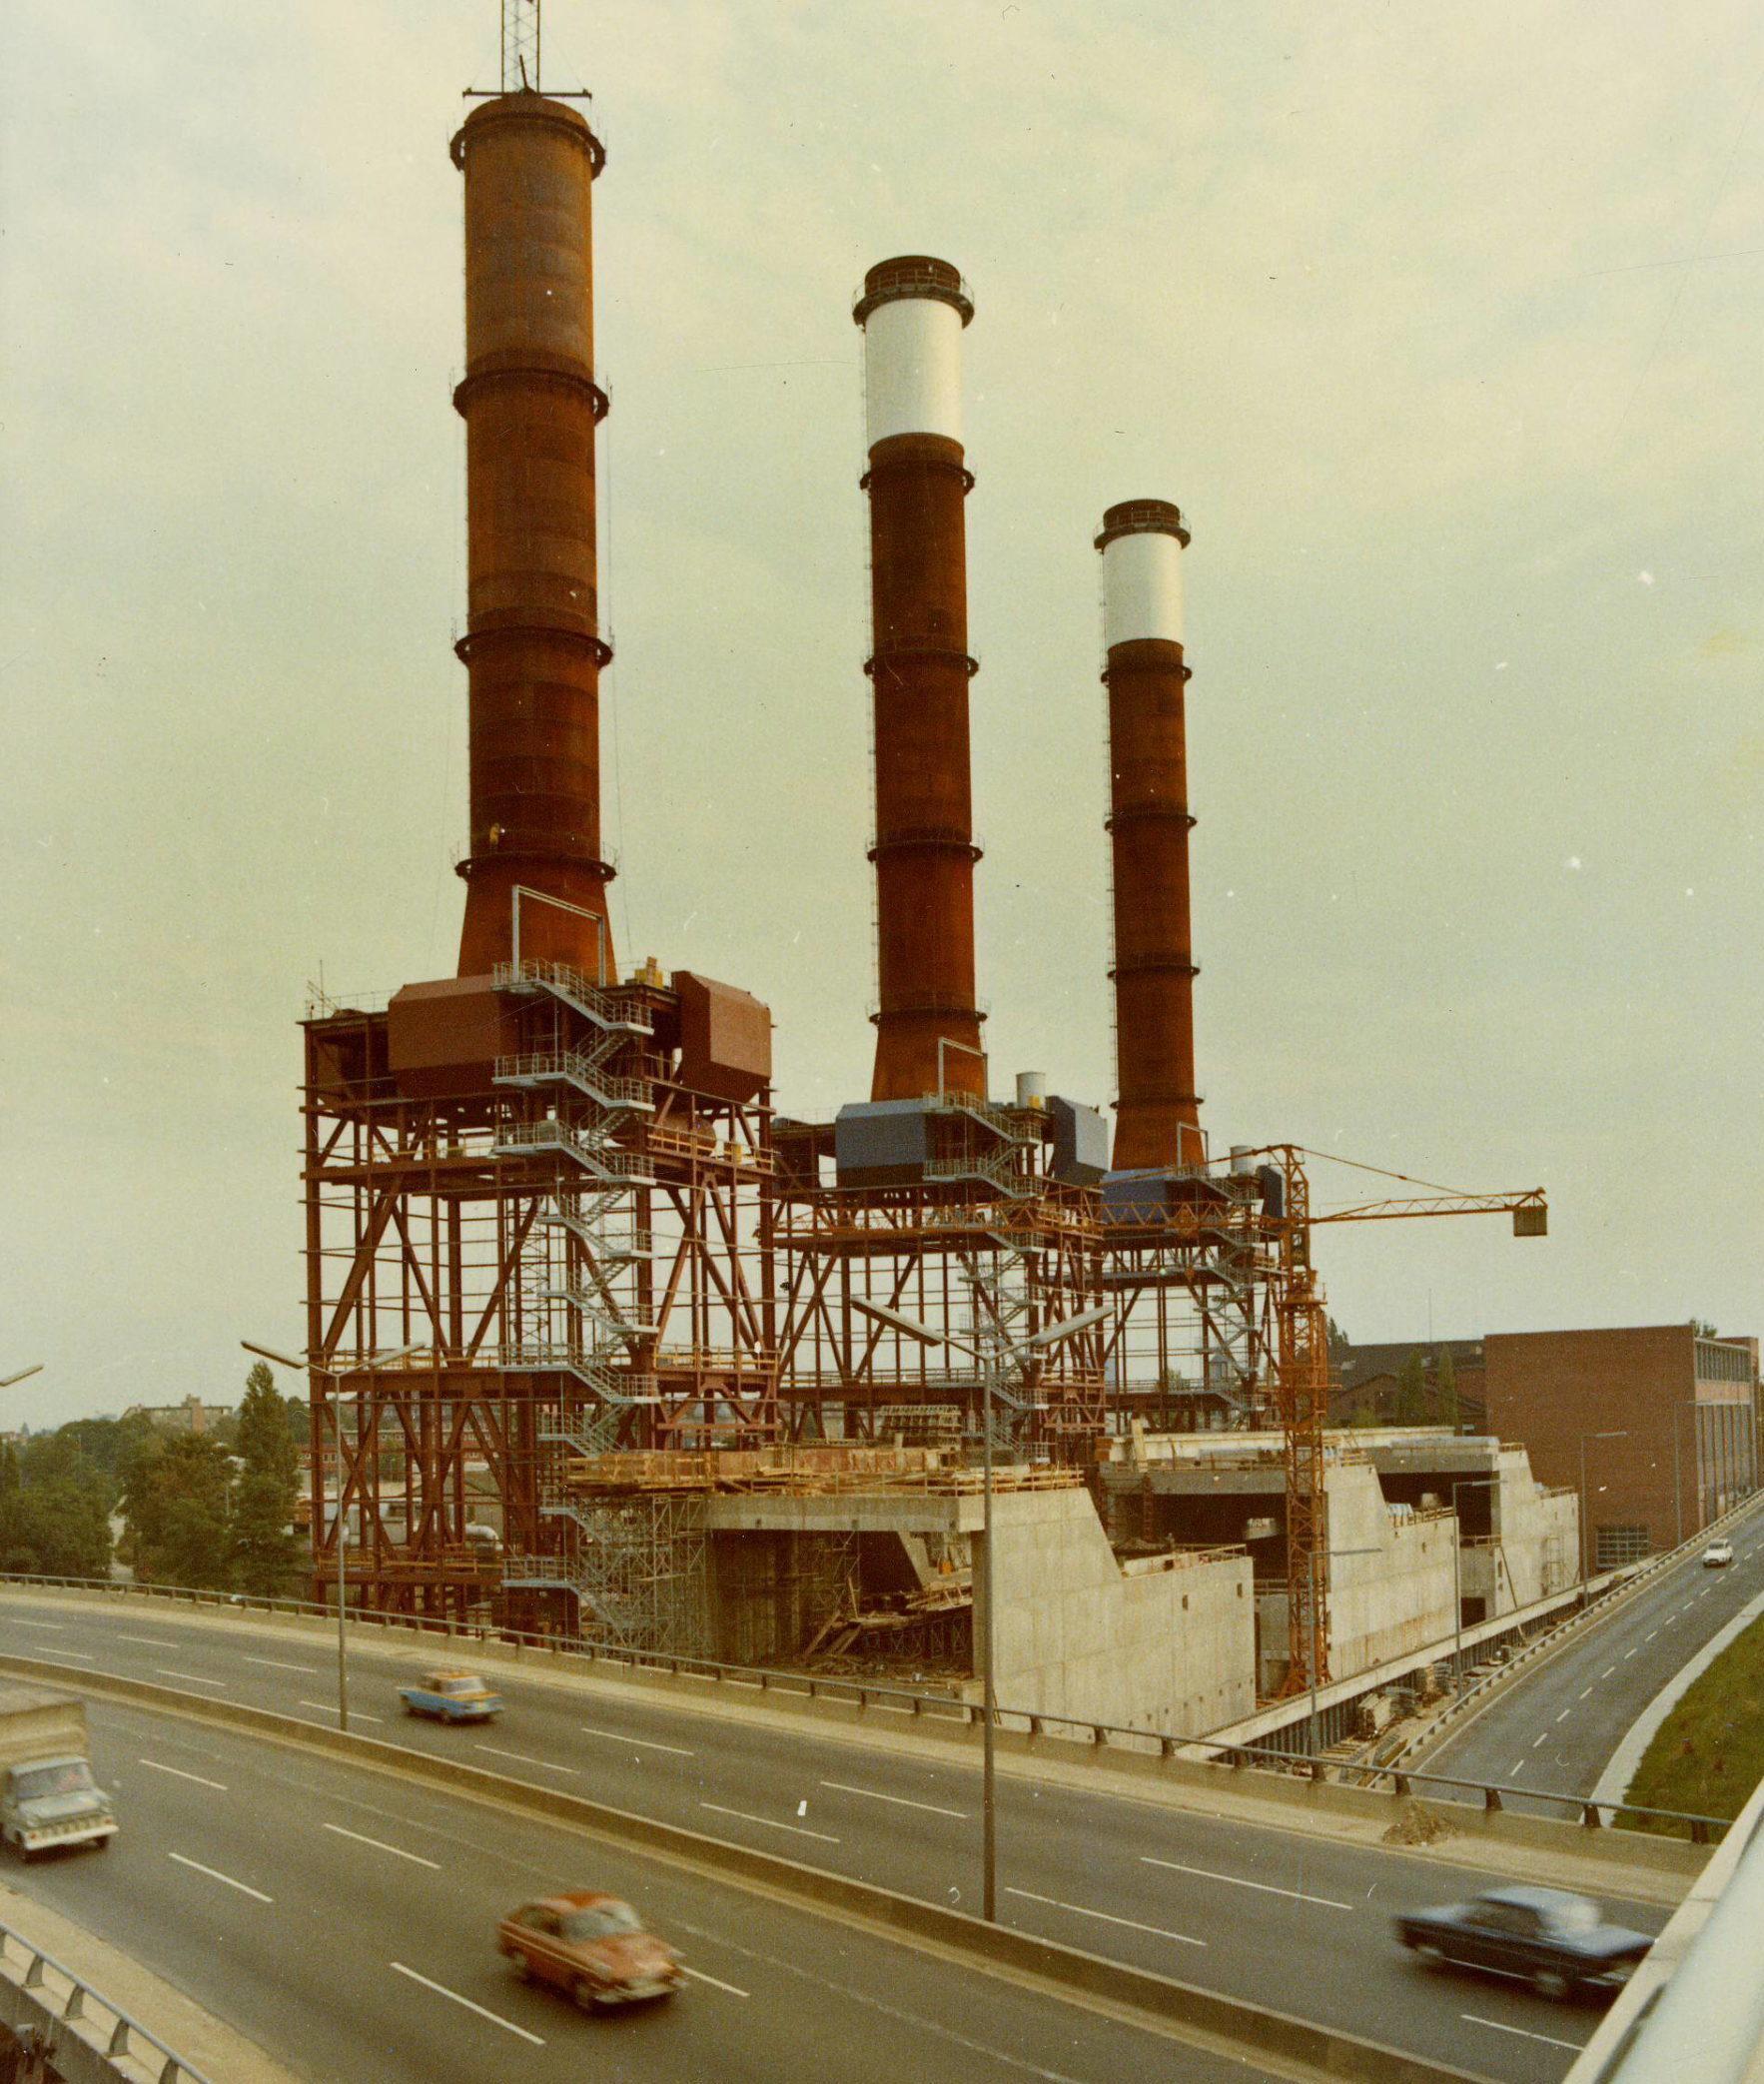 Montagearbeiten an den Schornsteinen, 1975. Foto: Vattenfall/Bewag Archiv